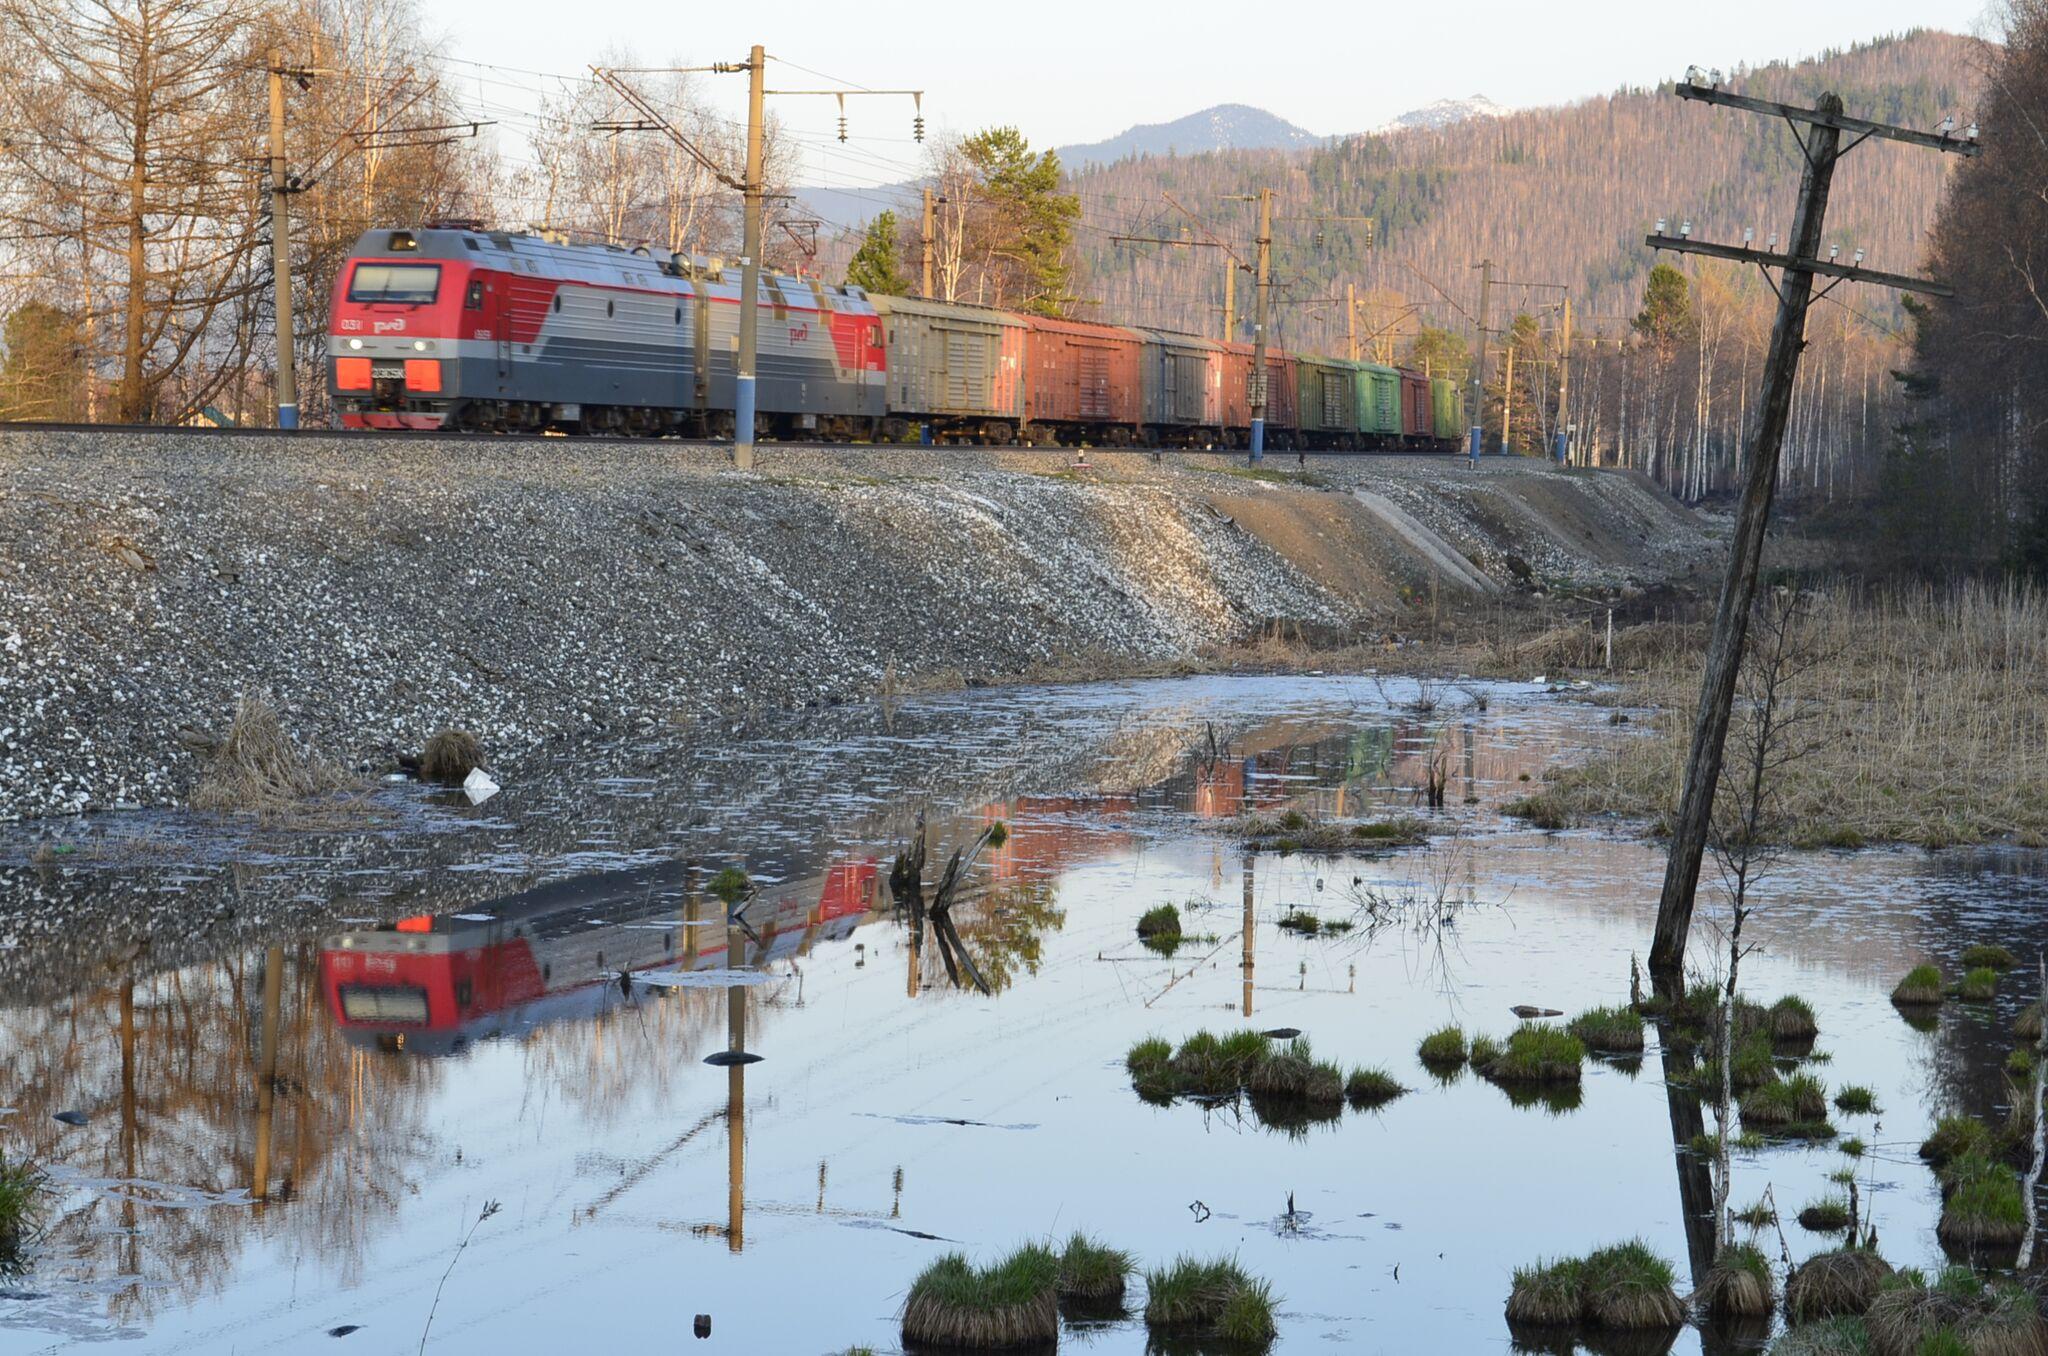 Vozni red železniškega prometa med veliki mesti je v neredu. Poleg rednih potniških linij je tudi veliko tovornih vlakov. Vir: Peggy Loshe